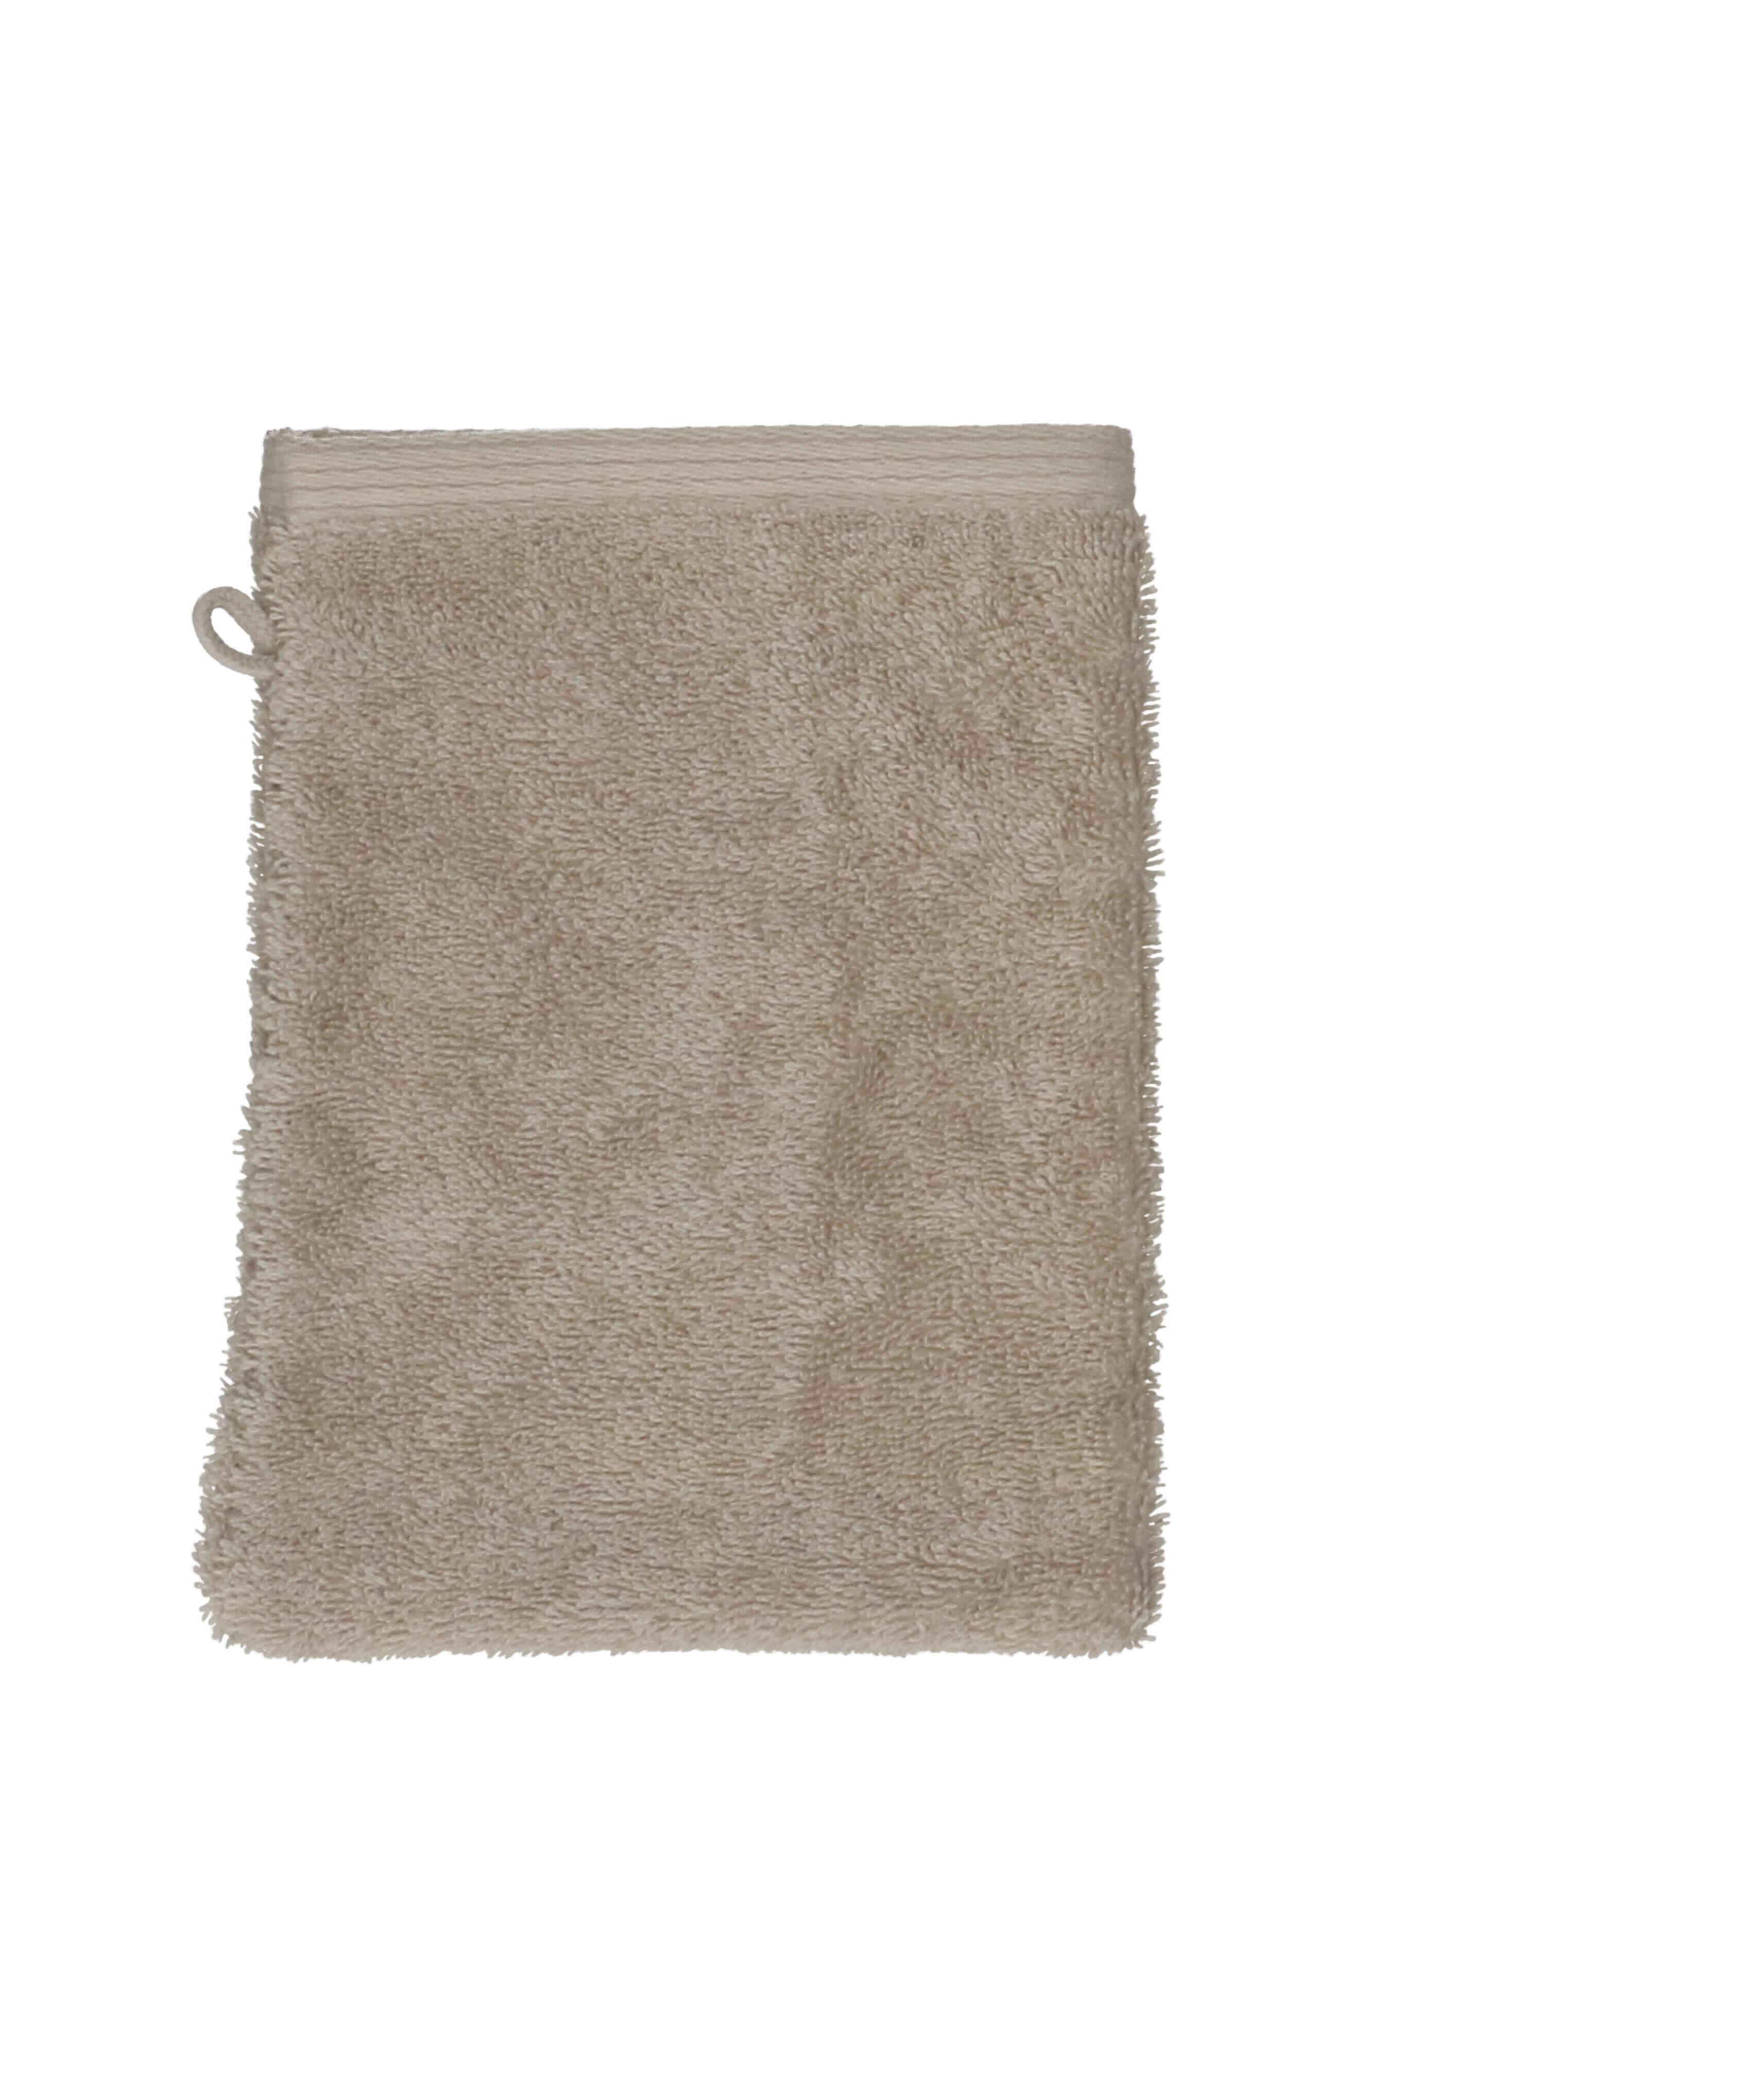 Dille&Kamille Gant de toilette, coton bio, taupe clair